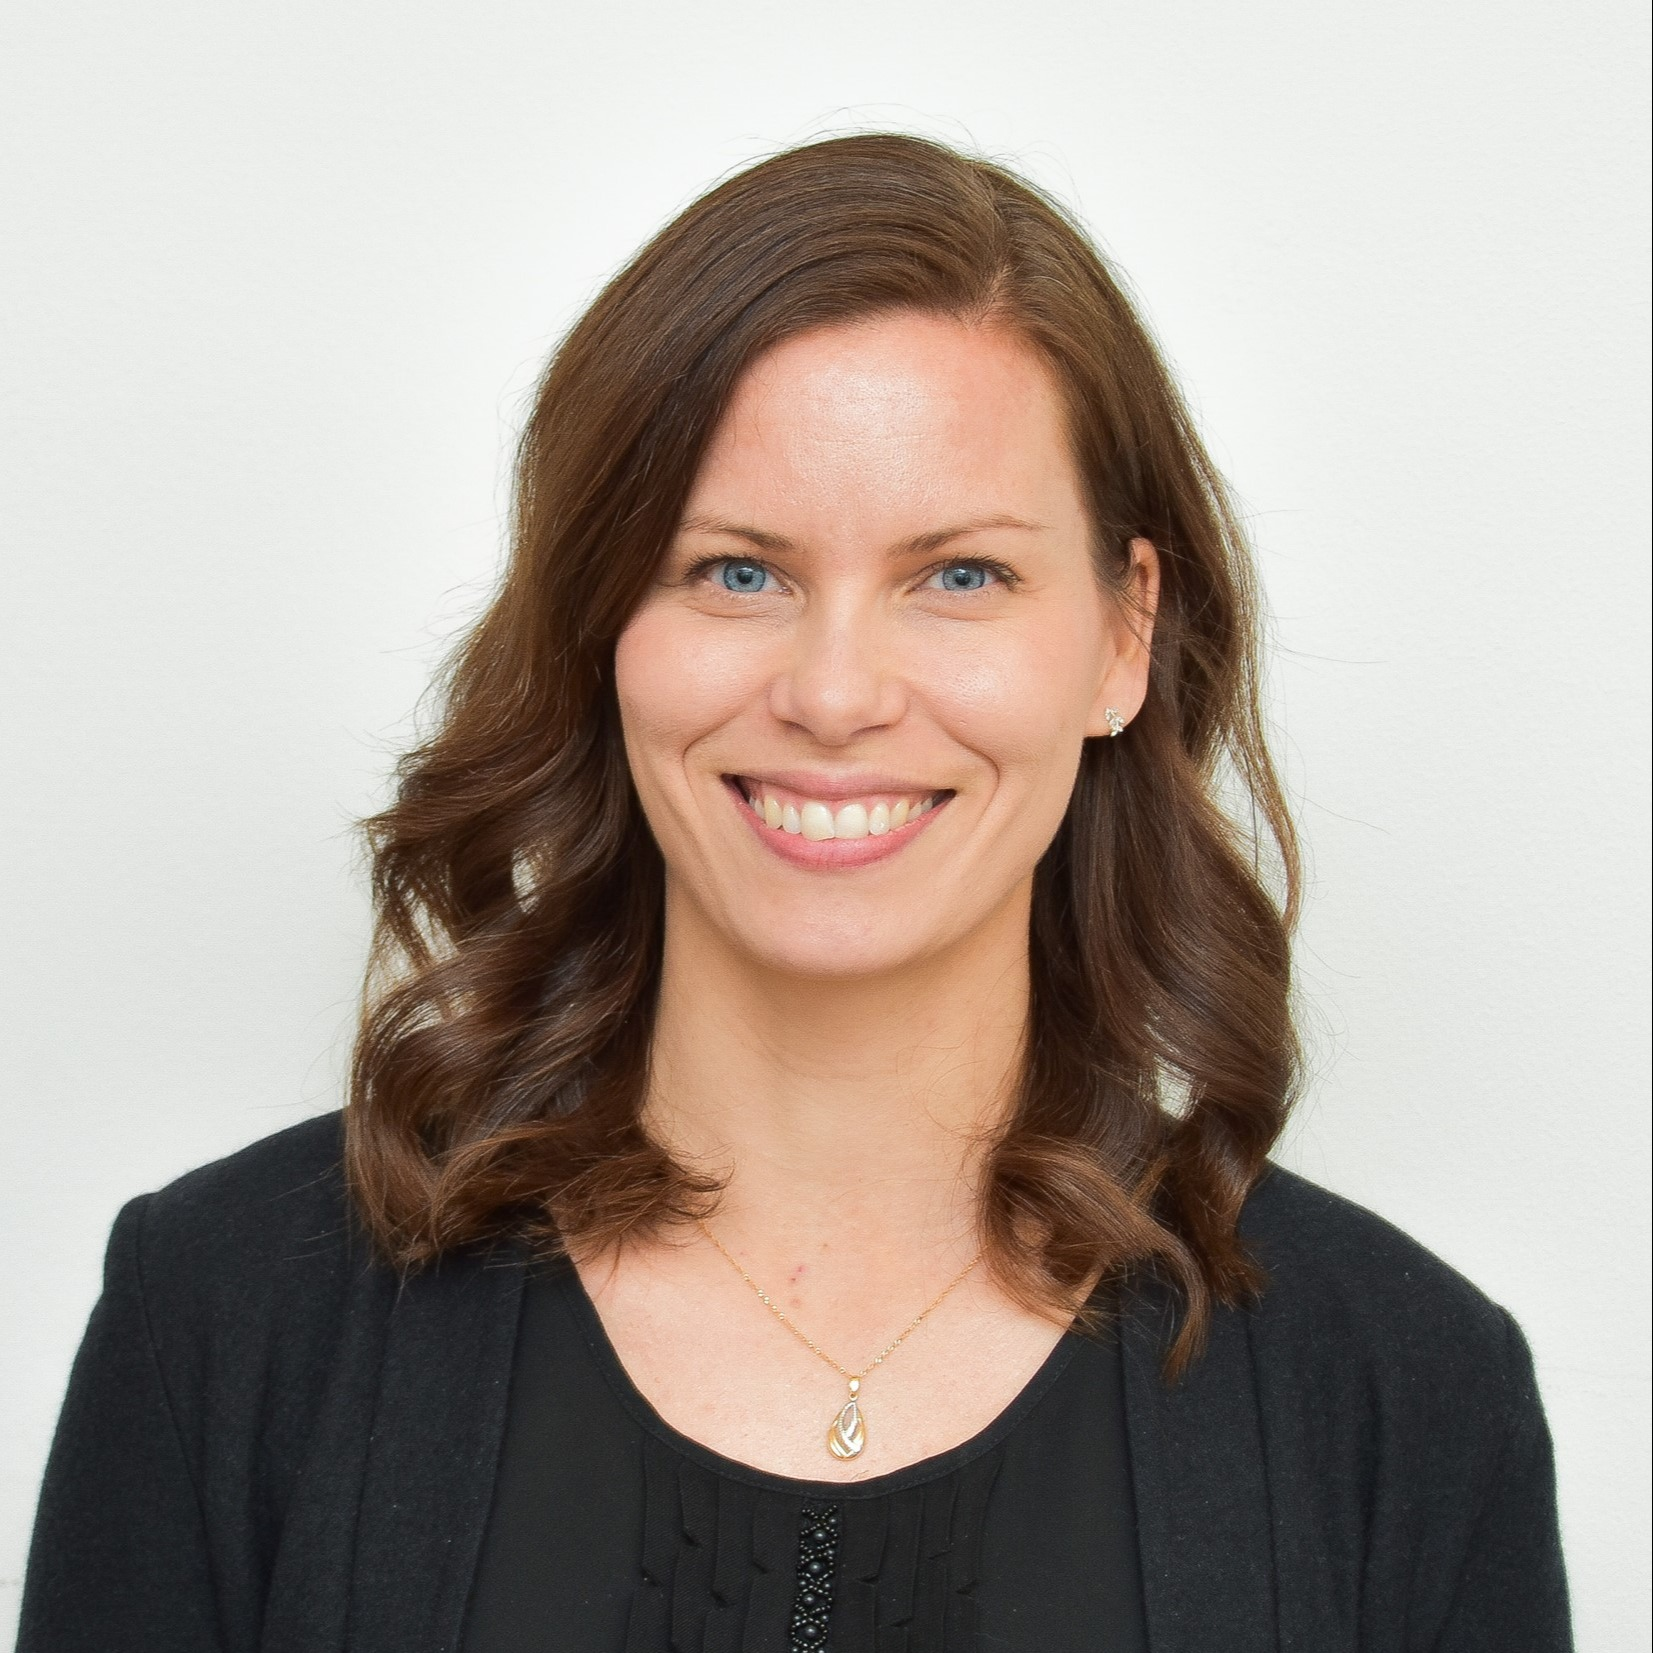 Emma Billenius